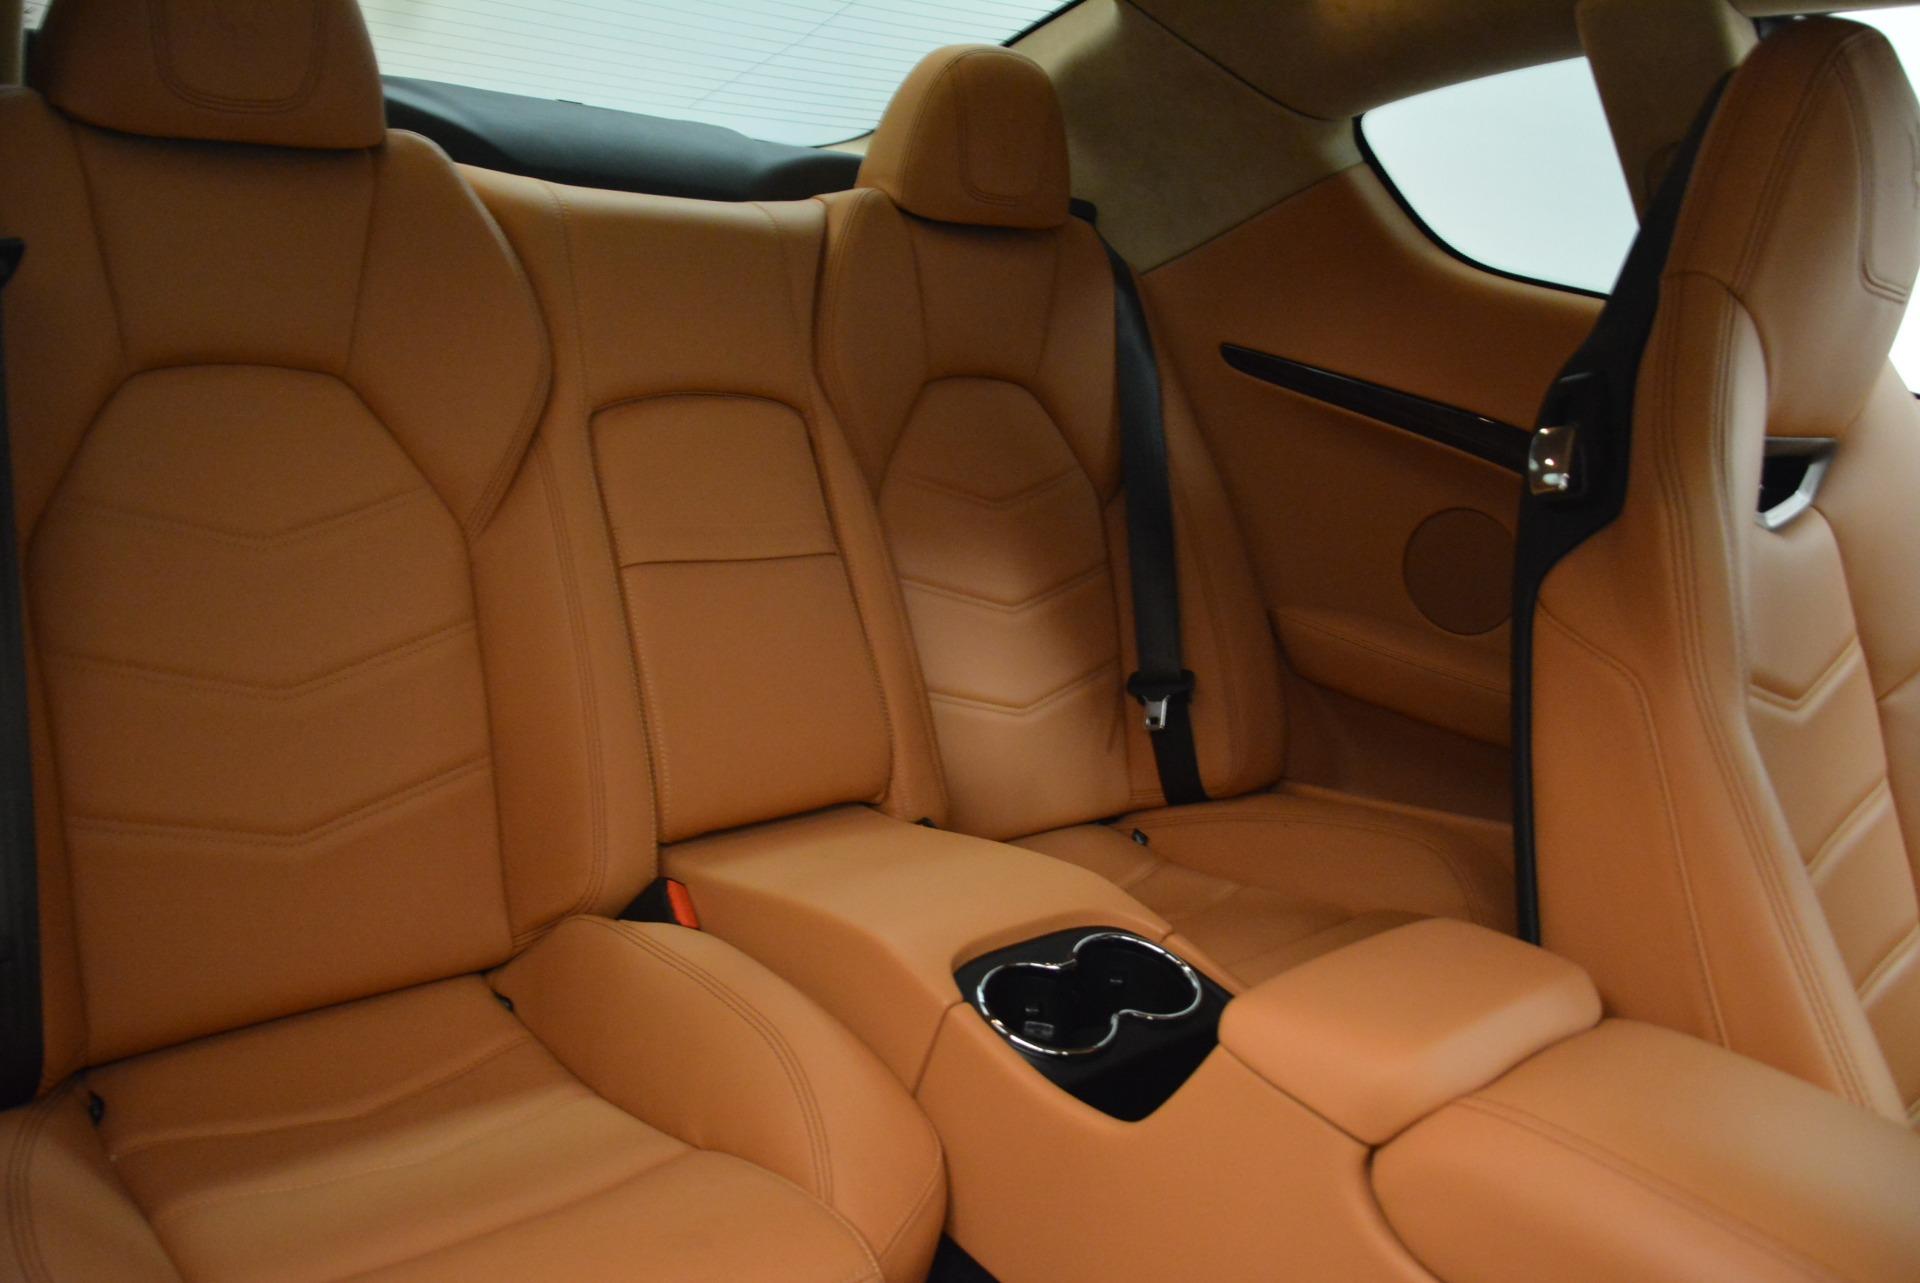 Used 2014 Maserati GranTurismo Sport For Sale In Westport, CT 2067_p23